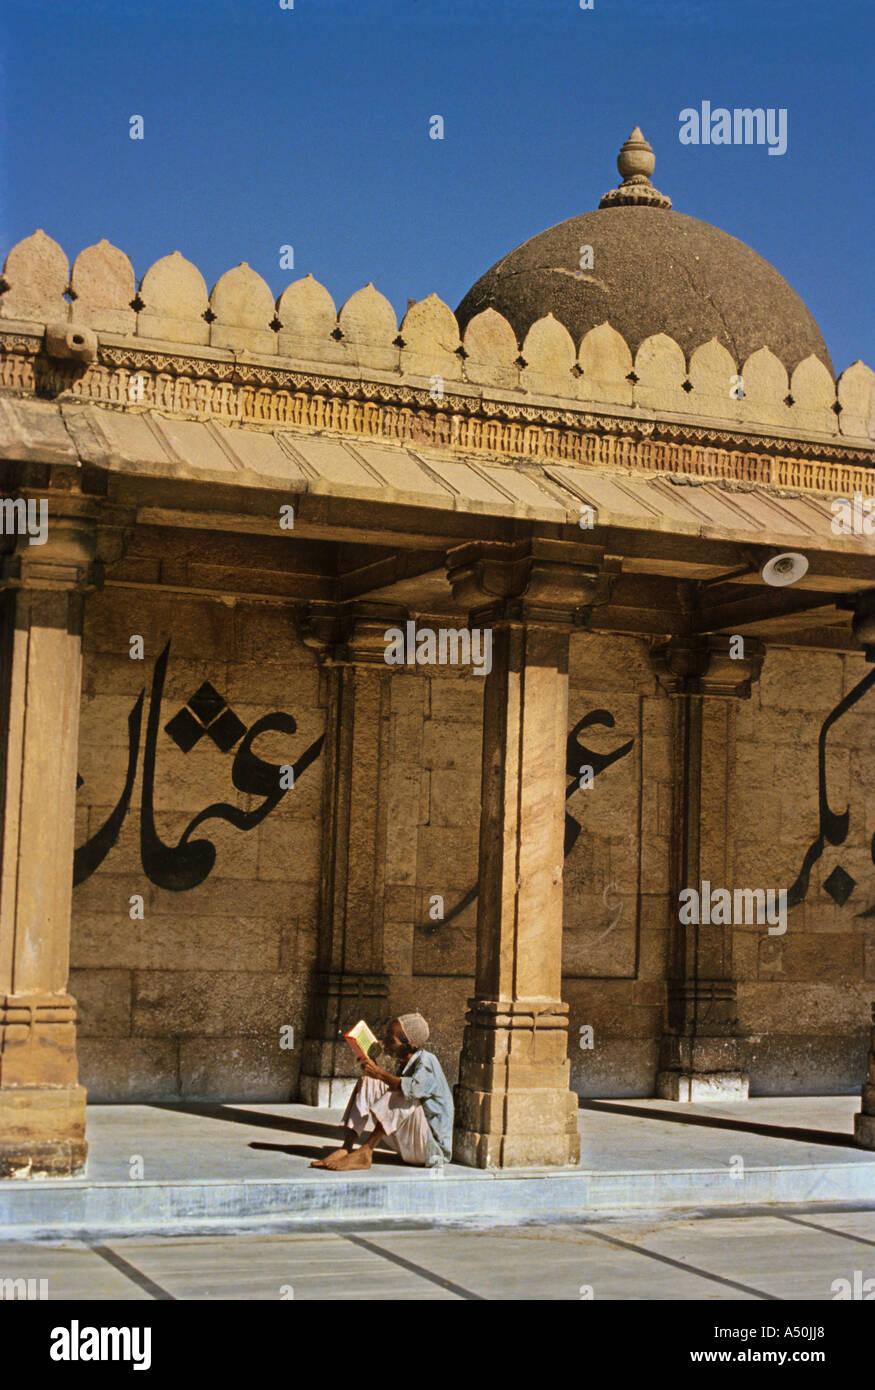 Man sitting at Juma Masjid at Ahmedabad in Gujarat India - Stock Image